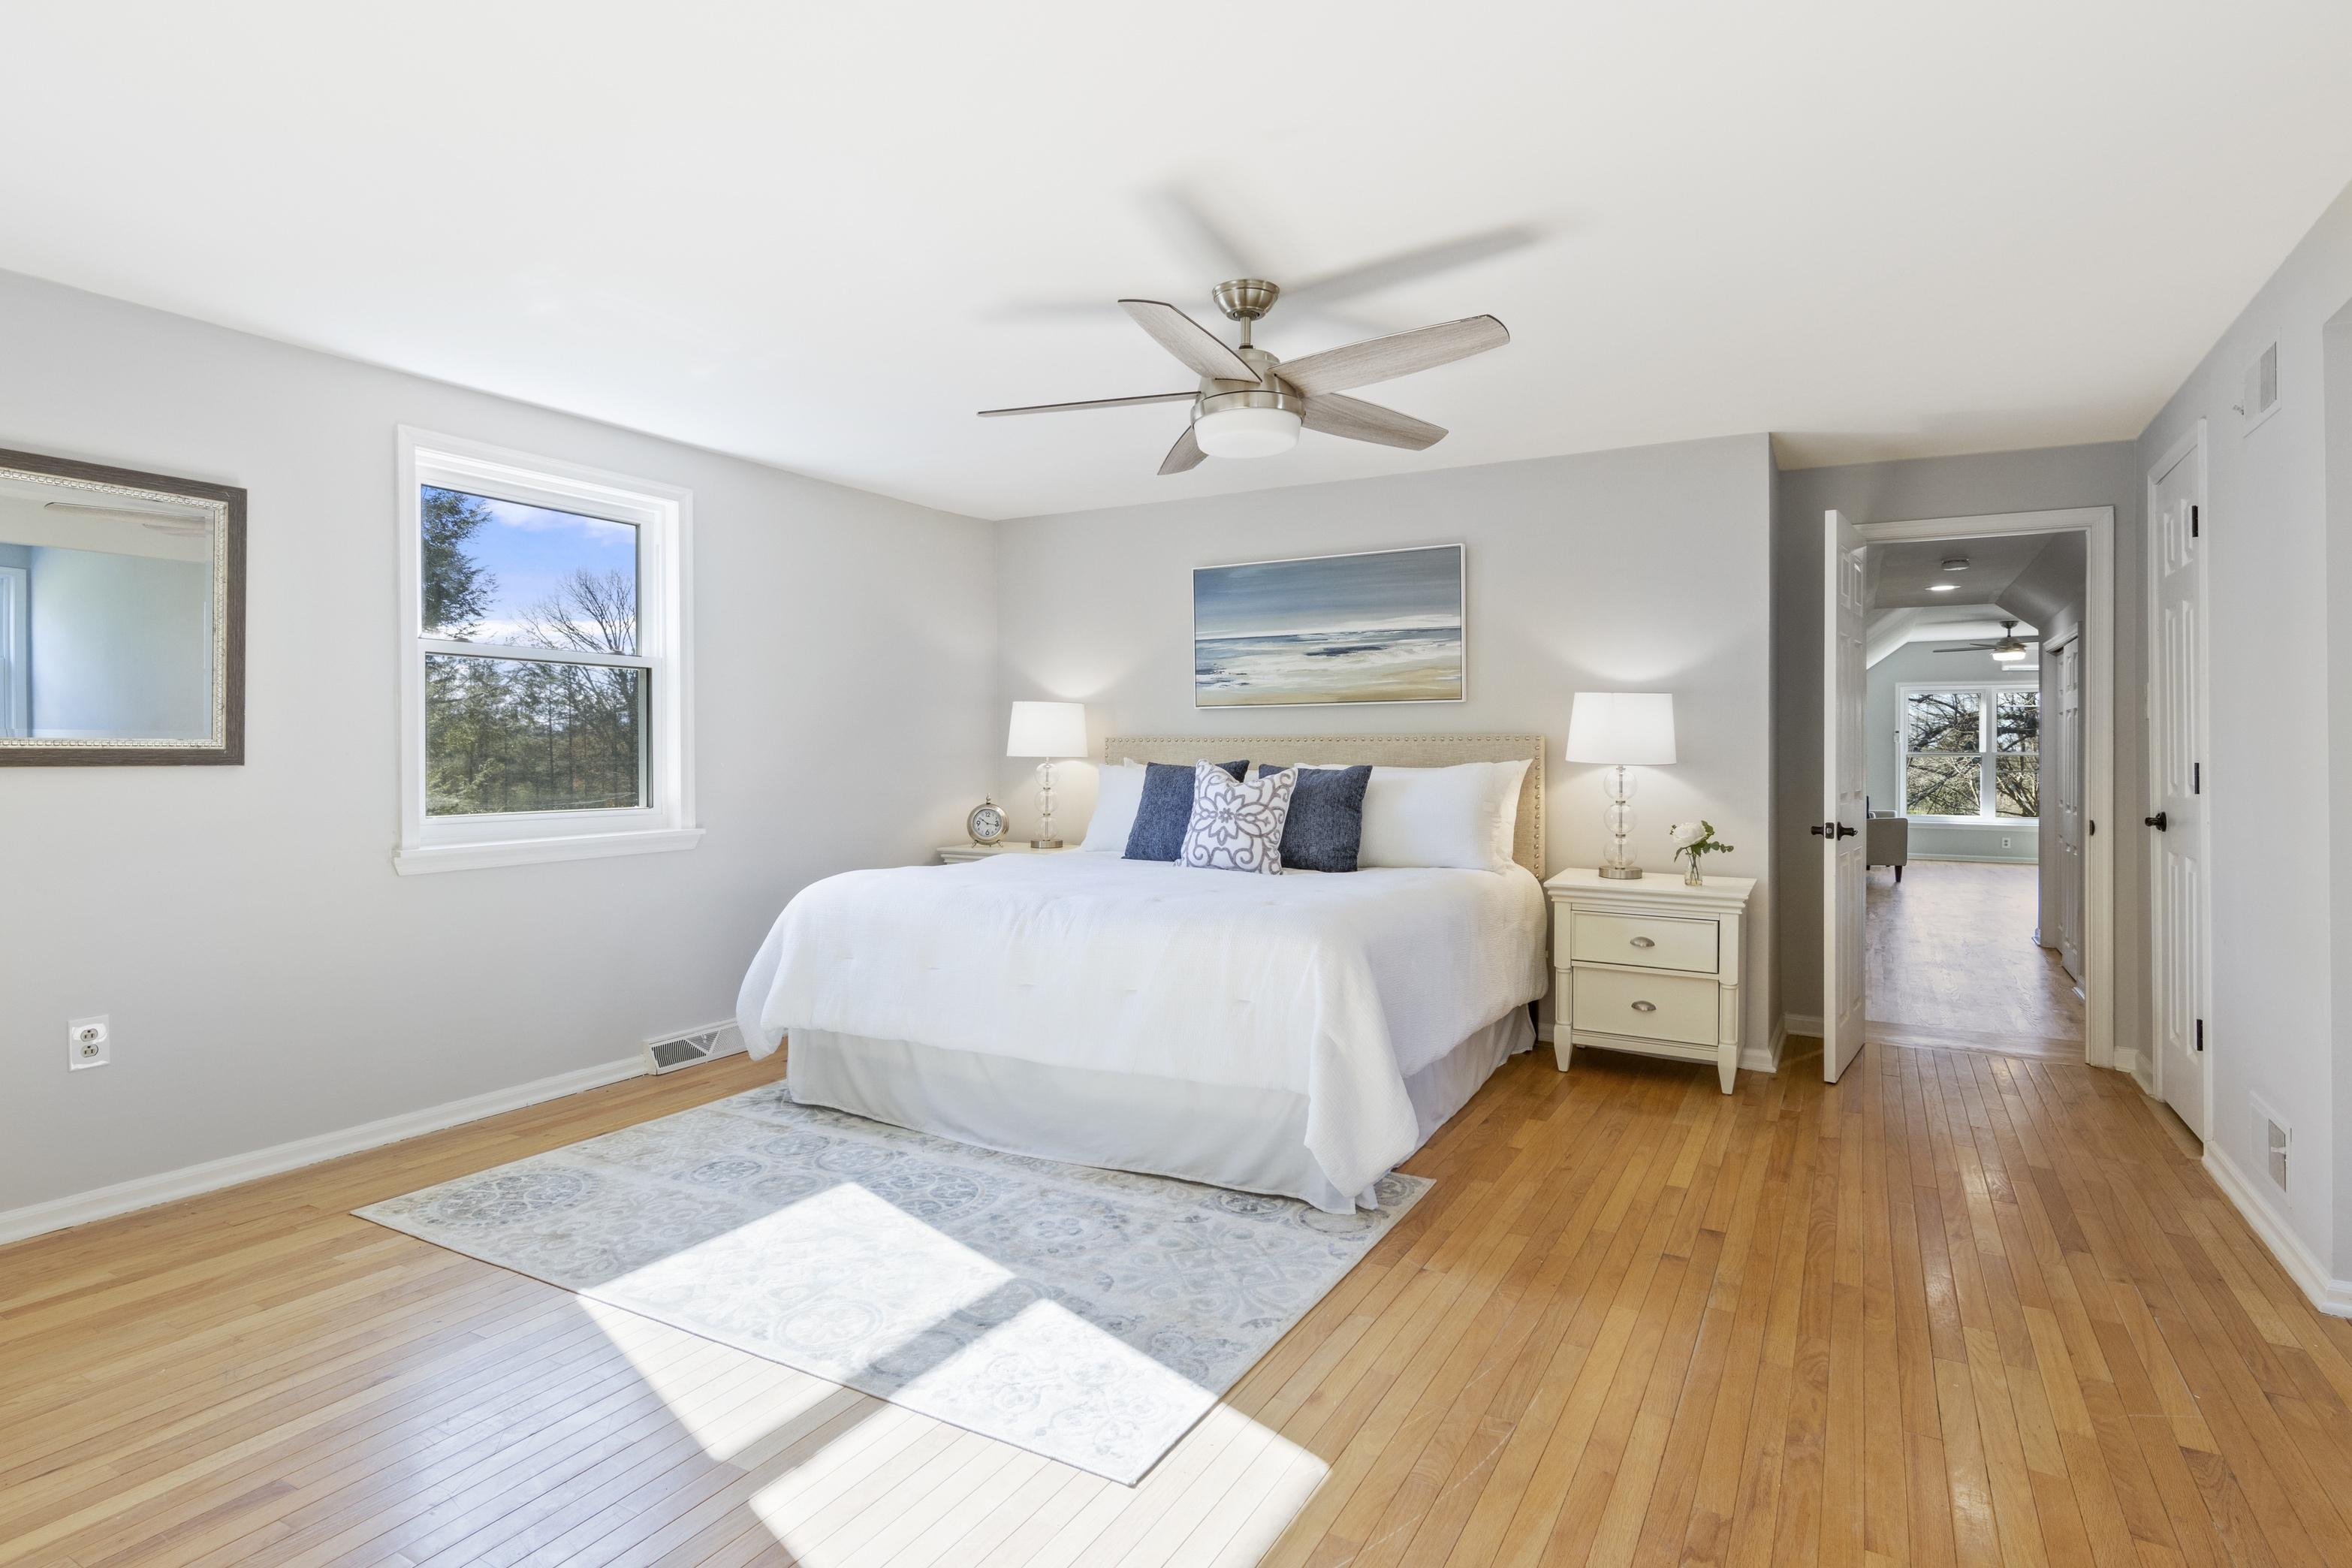 1143 Cardinal Drive bedroom 4 second floor